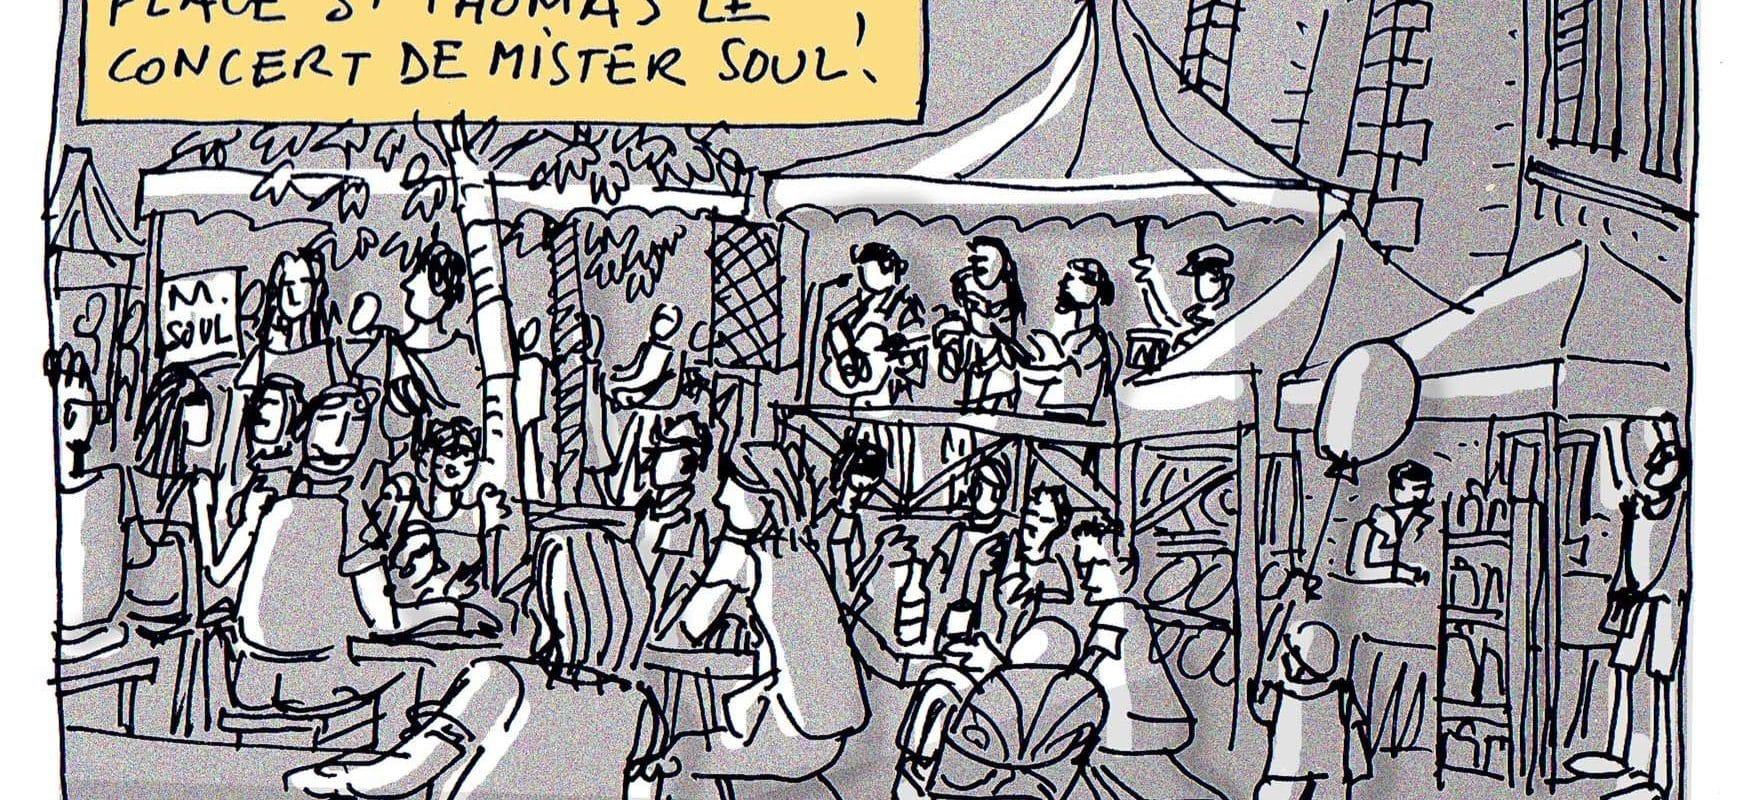 Avant la fête nationale, M. Soul place Saint-Thomas